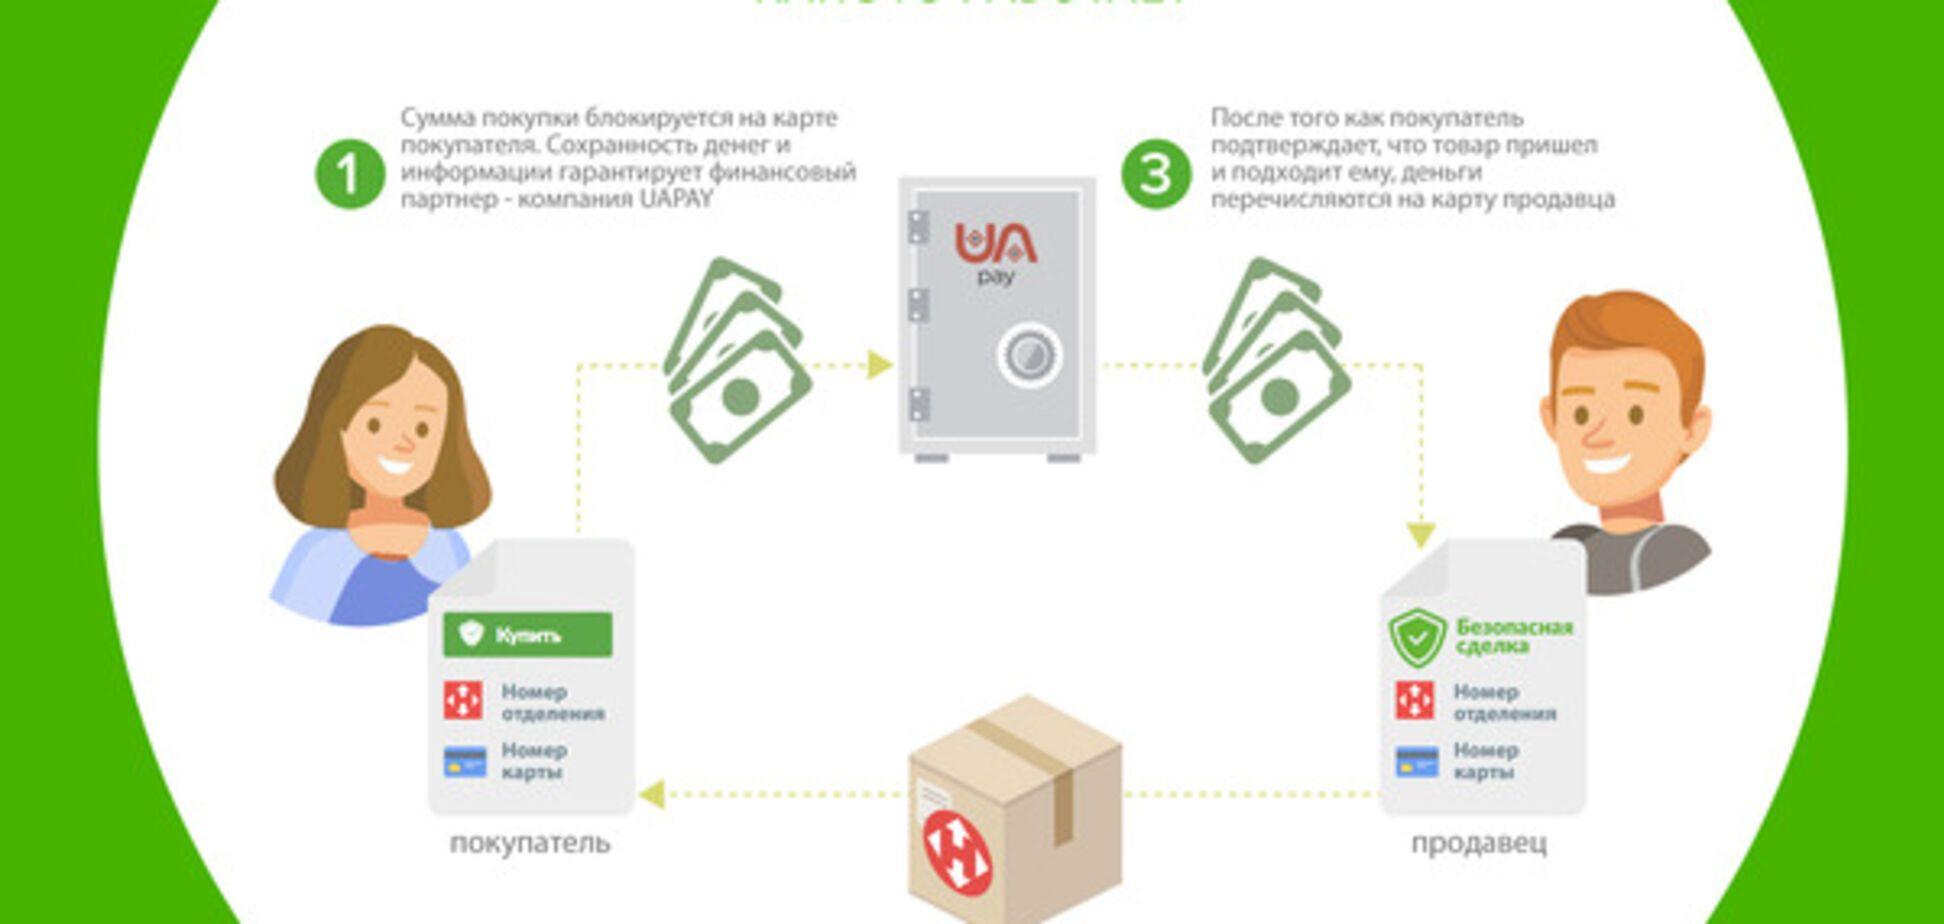 Безопасная сделка: OLX запустил услугу для безопасных покупок и продаж